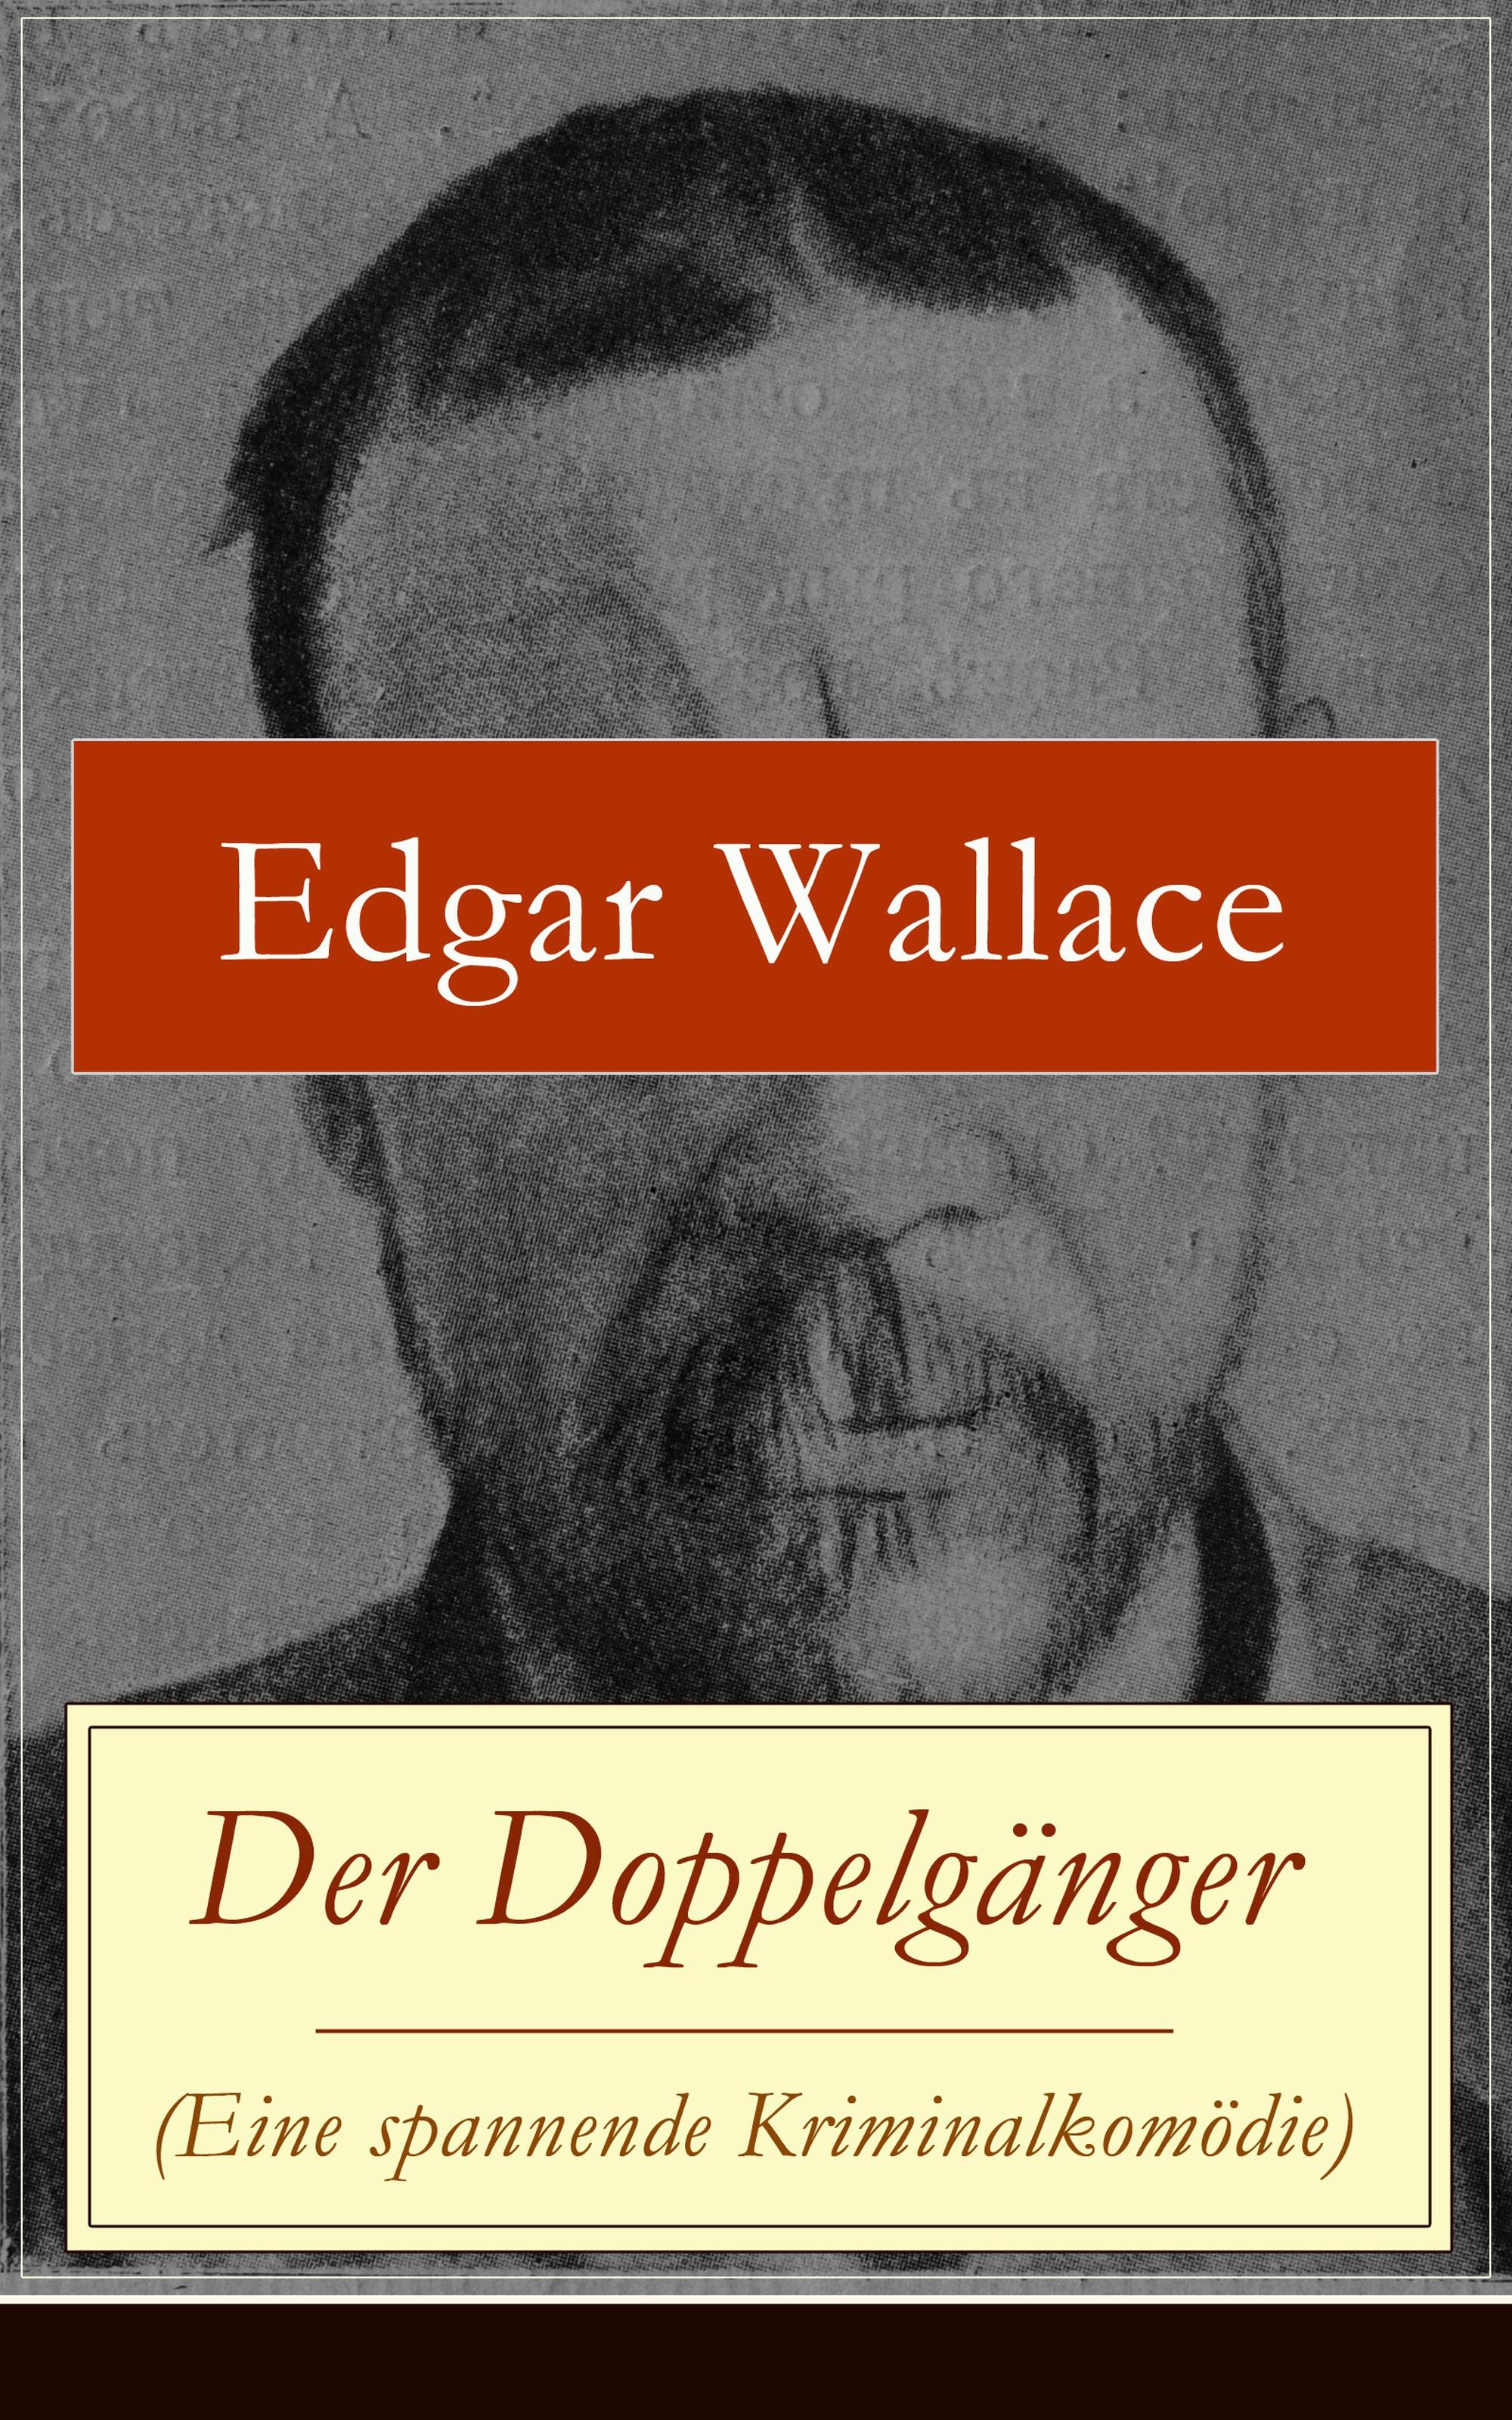 Фото - Edgar Wallace Der Doppelgänger (Eine spannende Kriminalkomödie) edgar wallace der doppelgänger